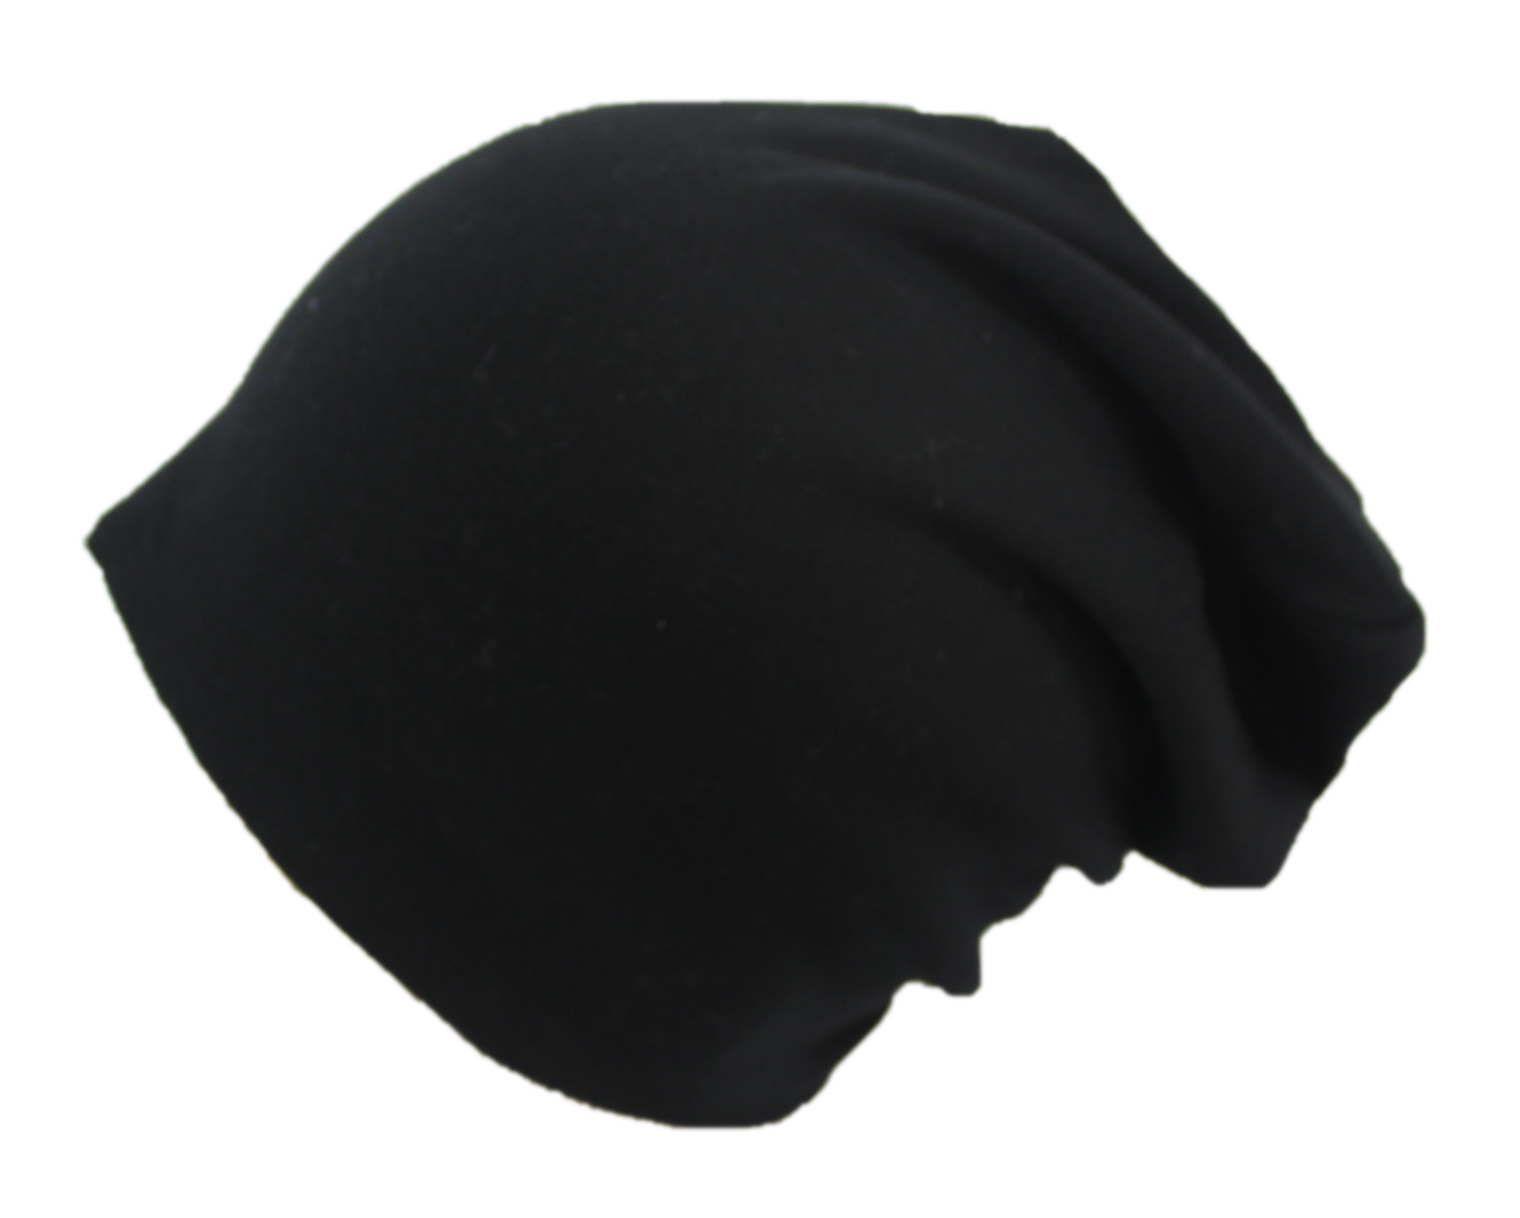 dětská bavlněná čepice, černá čepice, chlapecká čepice, dívčí čepice